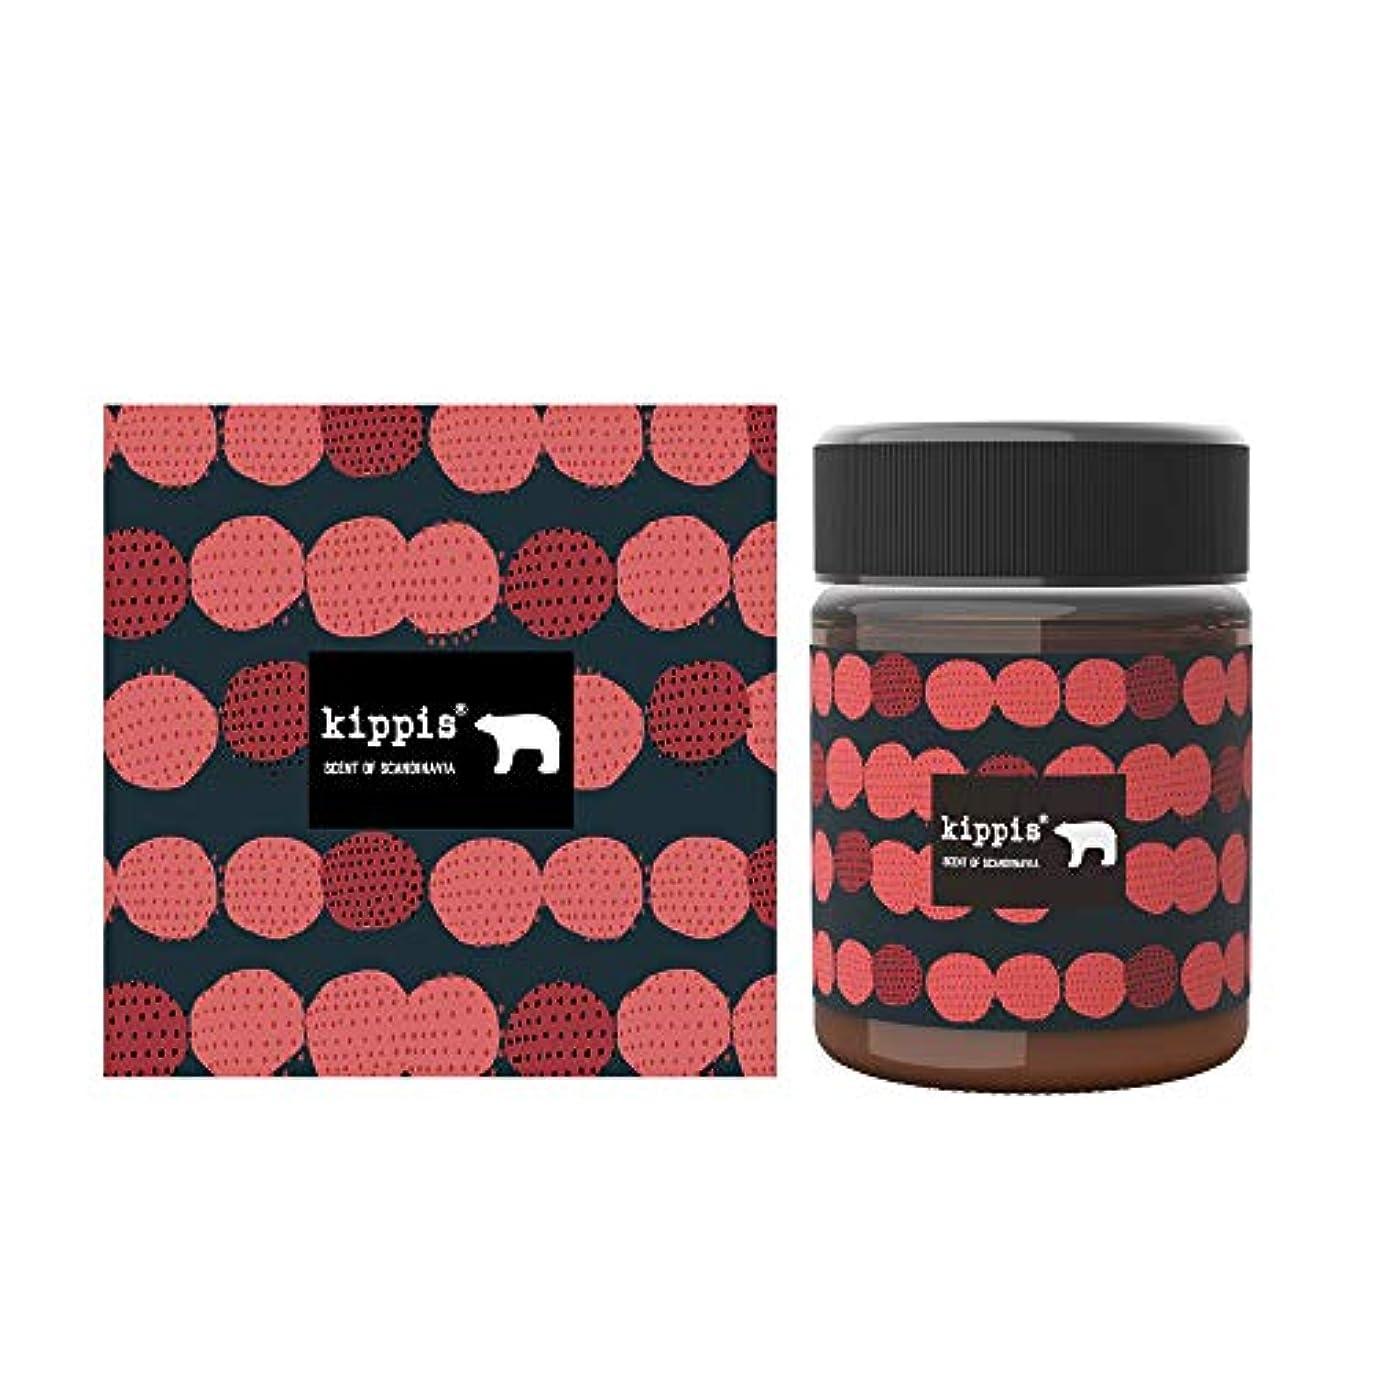 退屈な国家書店キッピス 髪と肌のトリートメントワックス(甘酸っぱい真っ赤なベリーの香り)40g